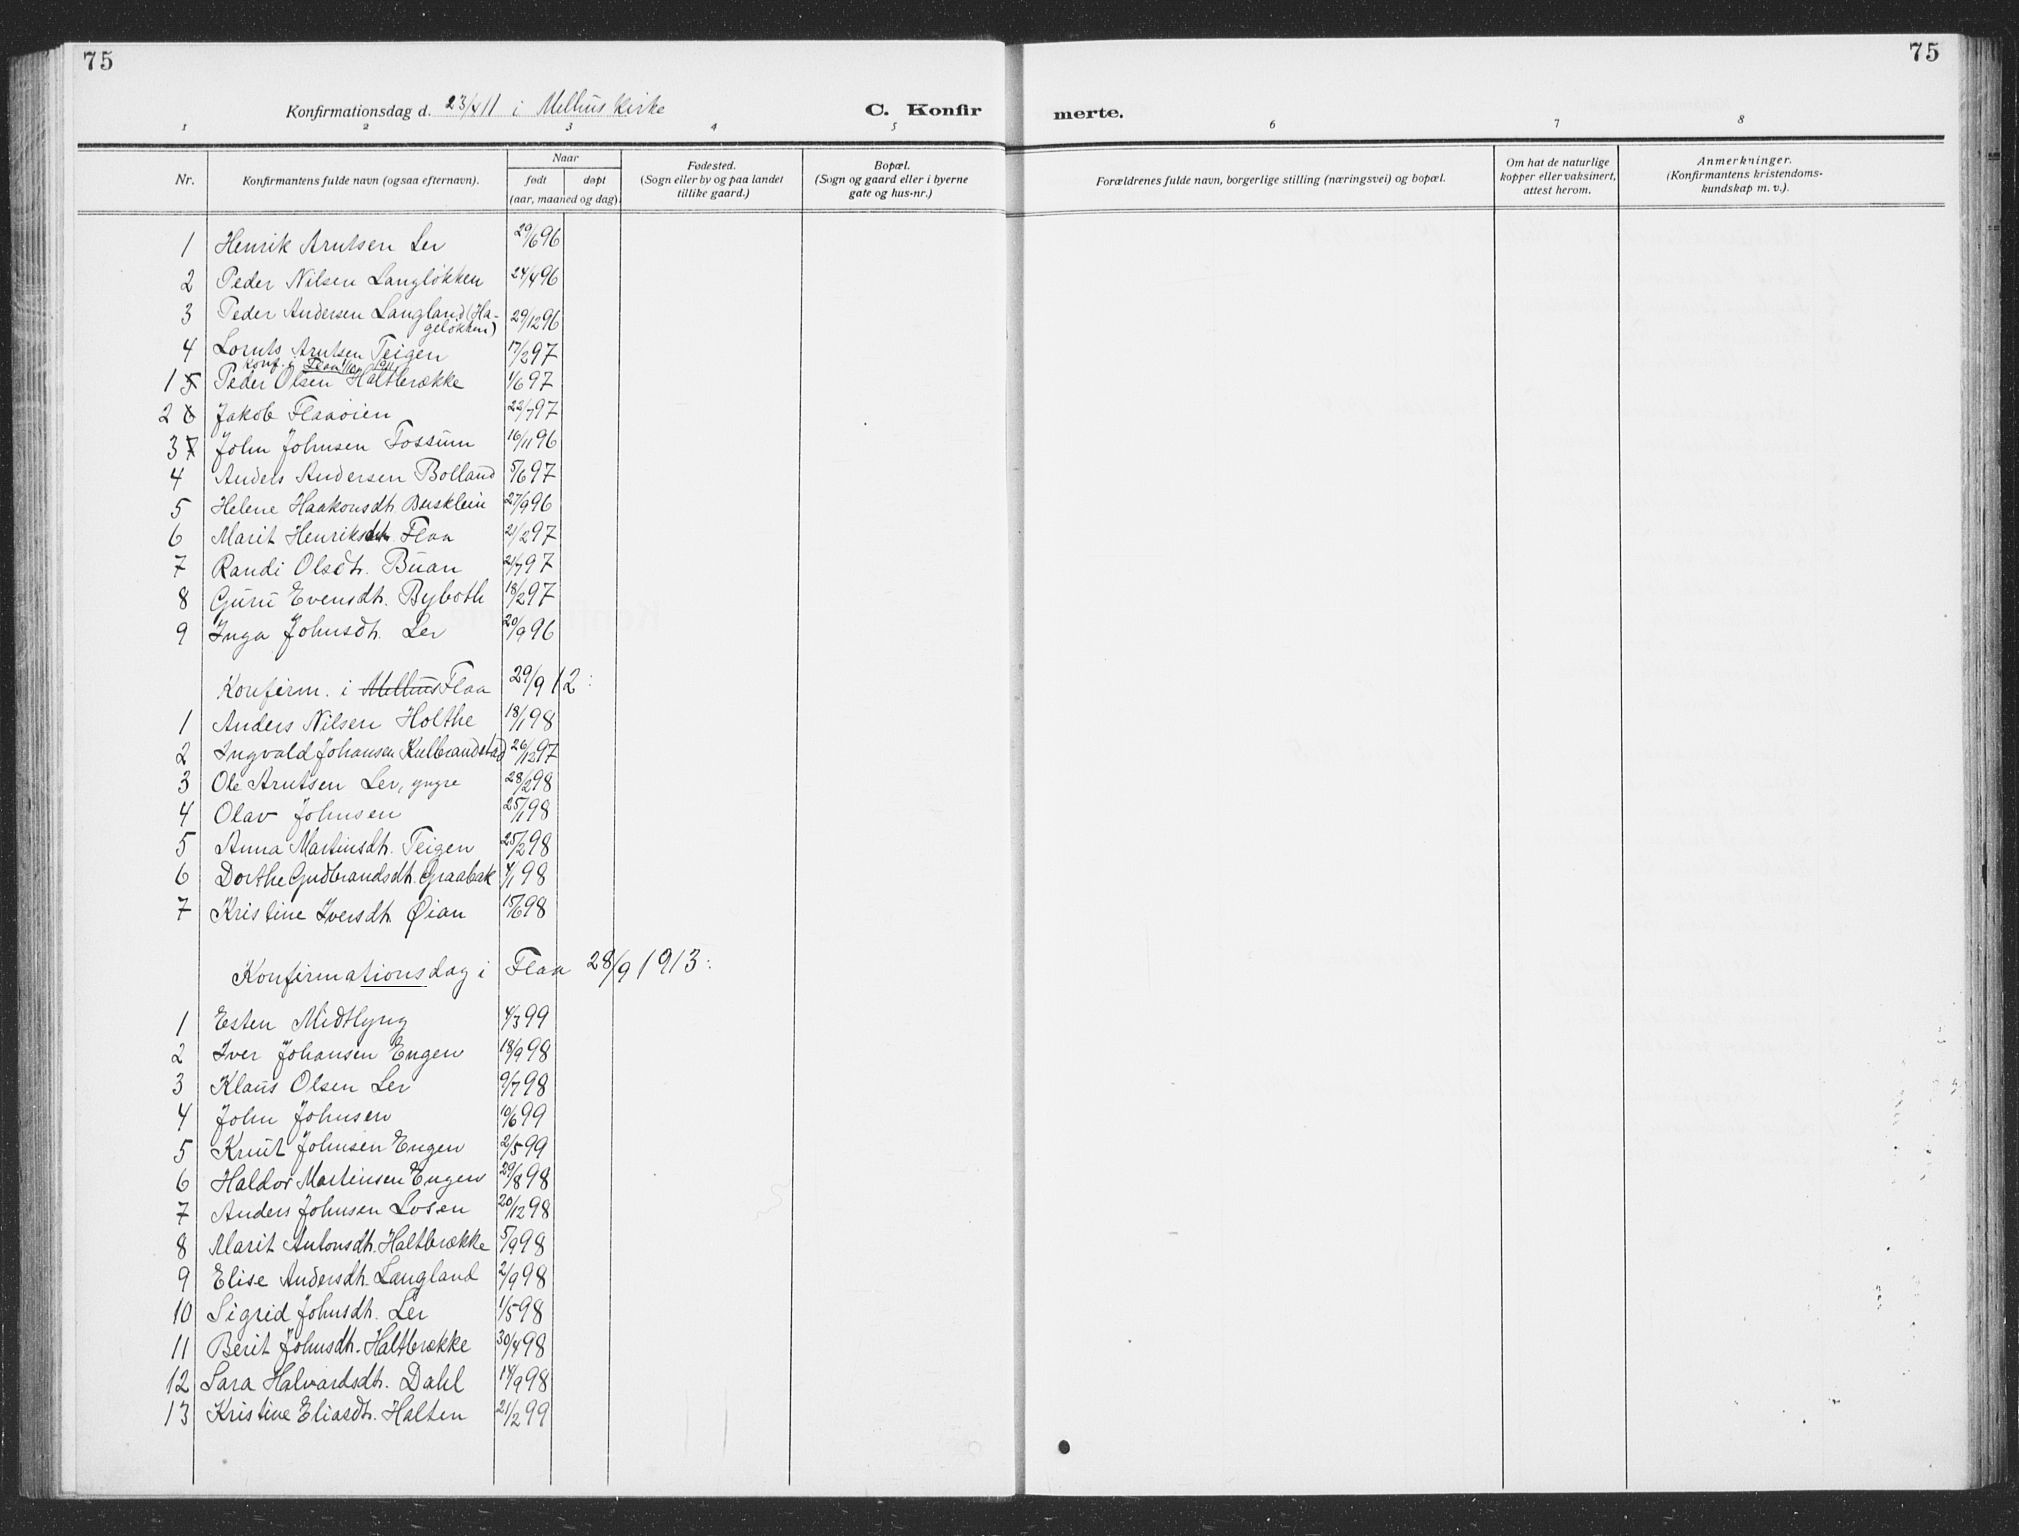 SAT, Ministerialprotokoller, klokkerbøker og fødselsregistre - Sør-Trøndelag, 693/L1124: Klokkerbok nr. 693C05, 1911-1941, s. 75